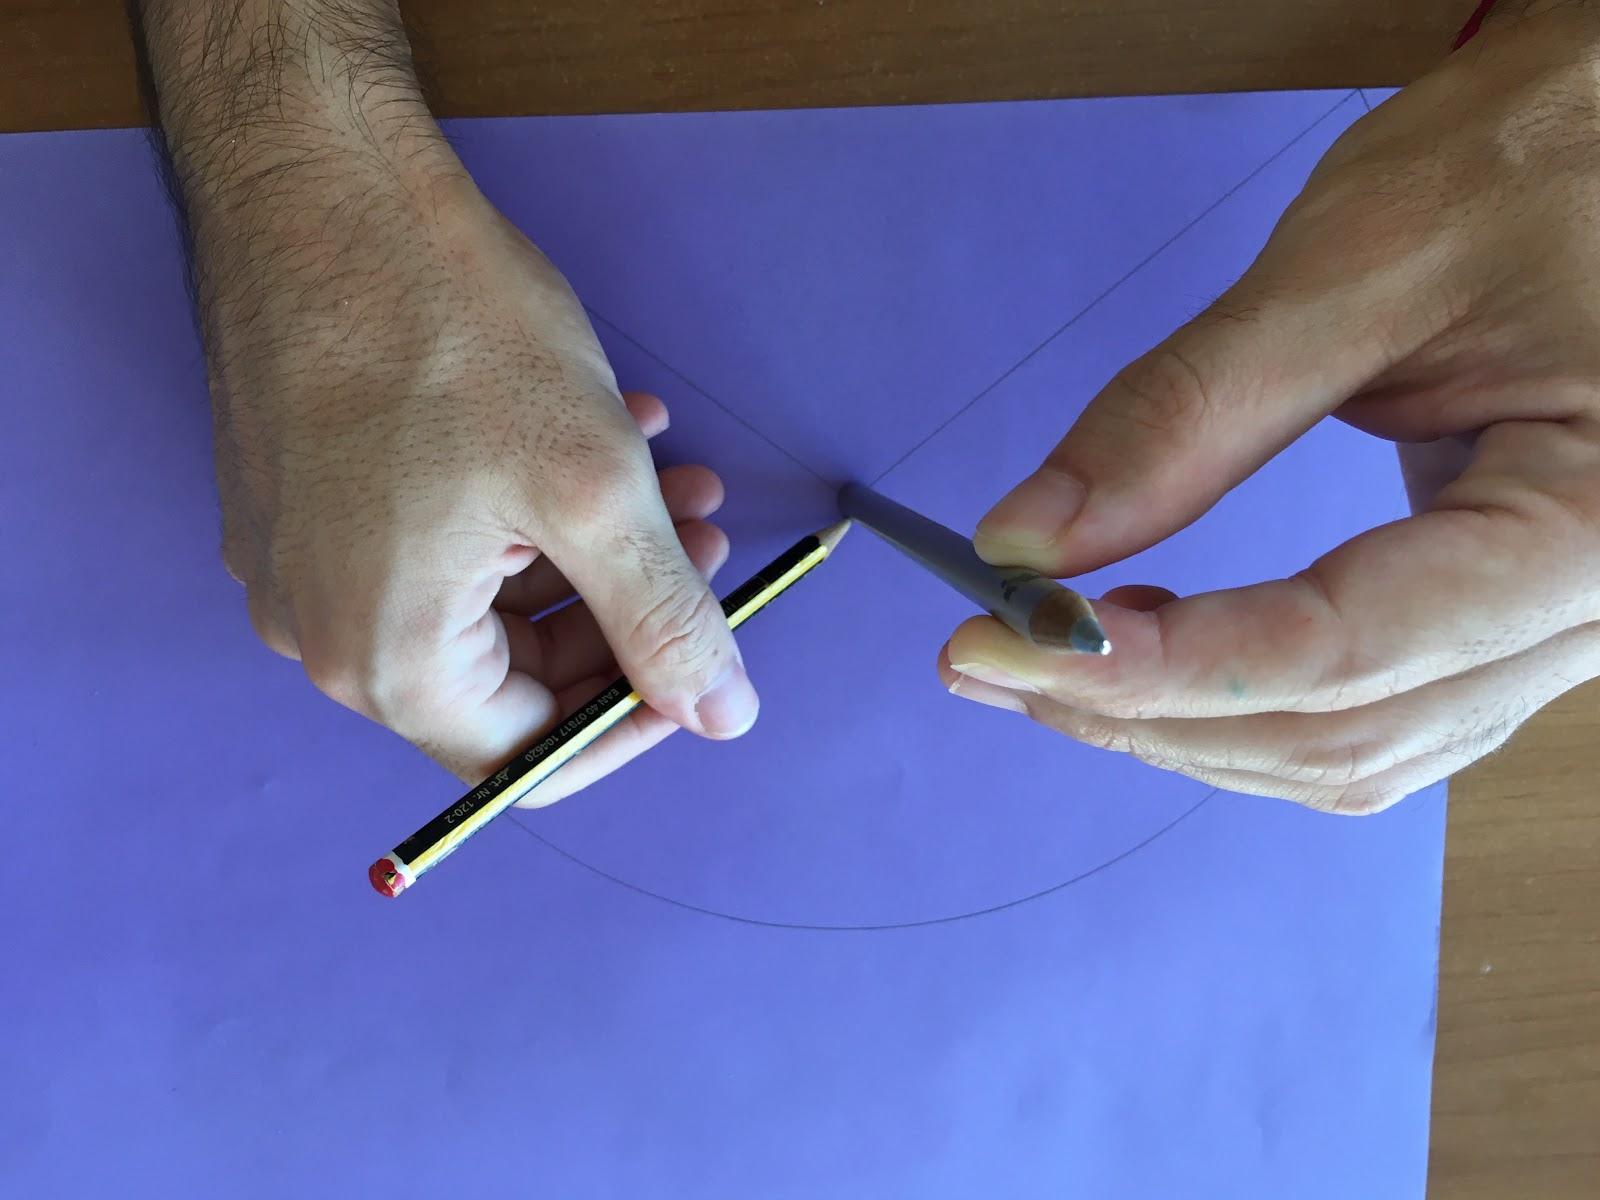 Trazado del arco menor utilizando el contorno de otro lápiz.